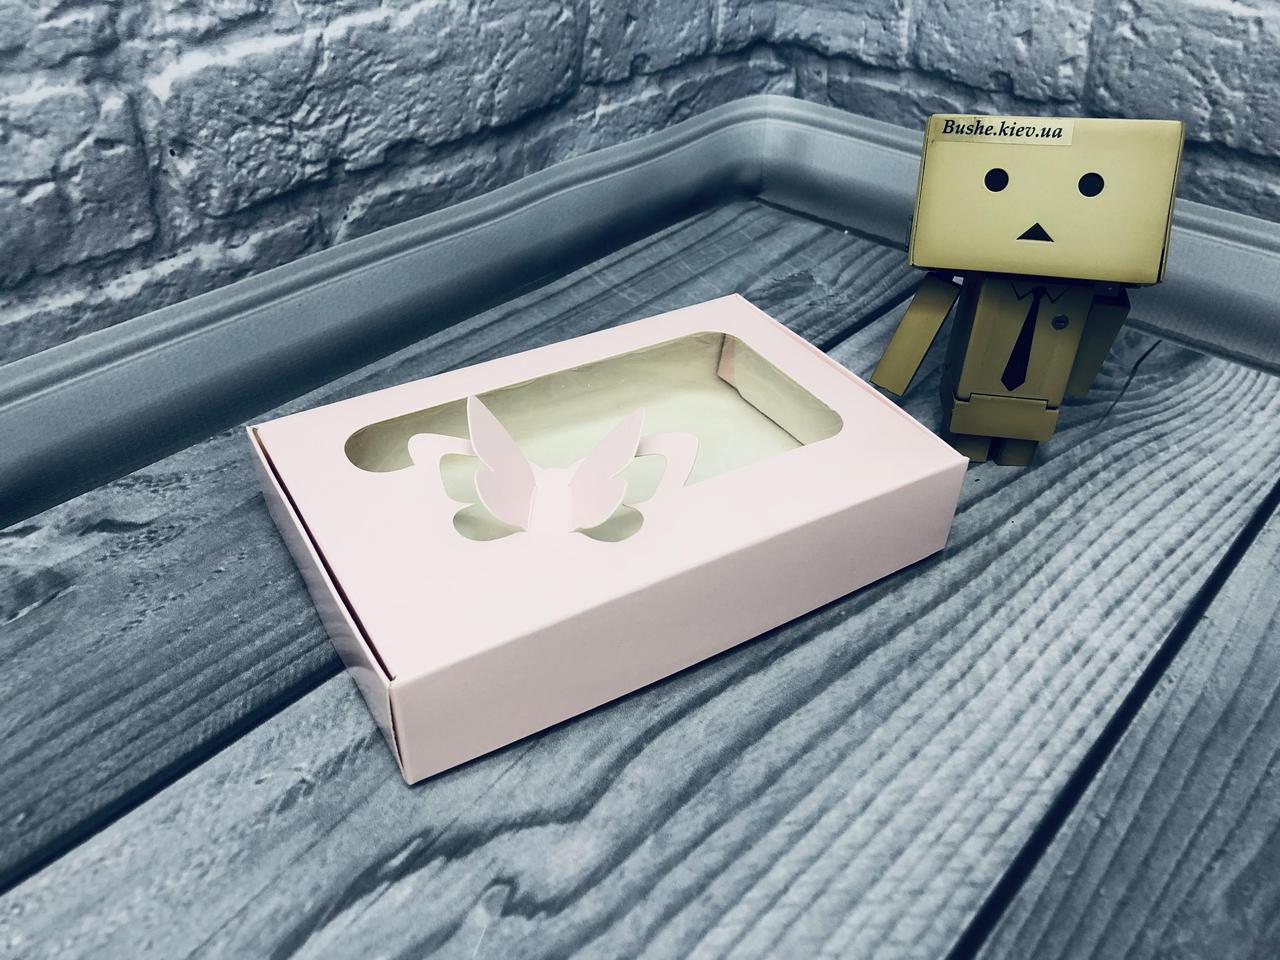 *10 шт* / Коробка для пряников / 100х150х30 мм / печать-Пудр / окно-Бабочка / лк